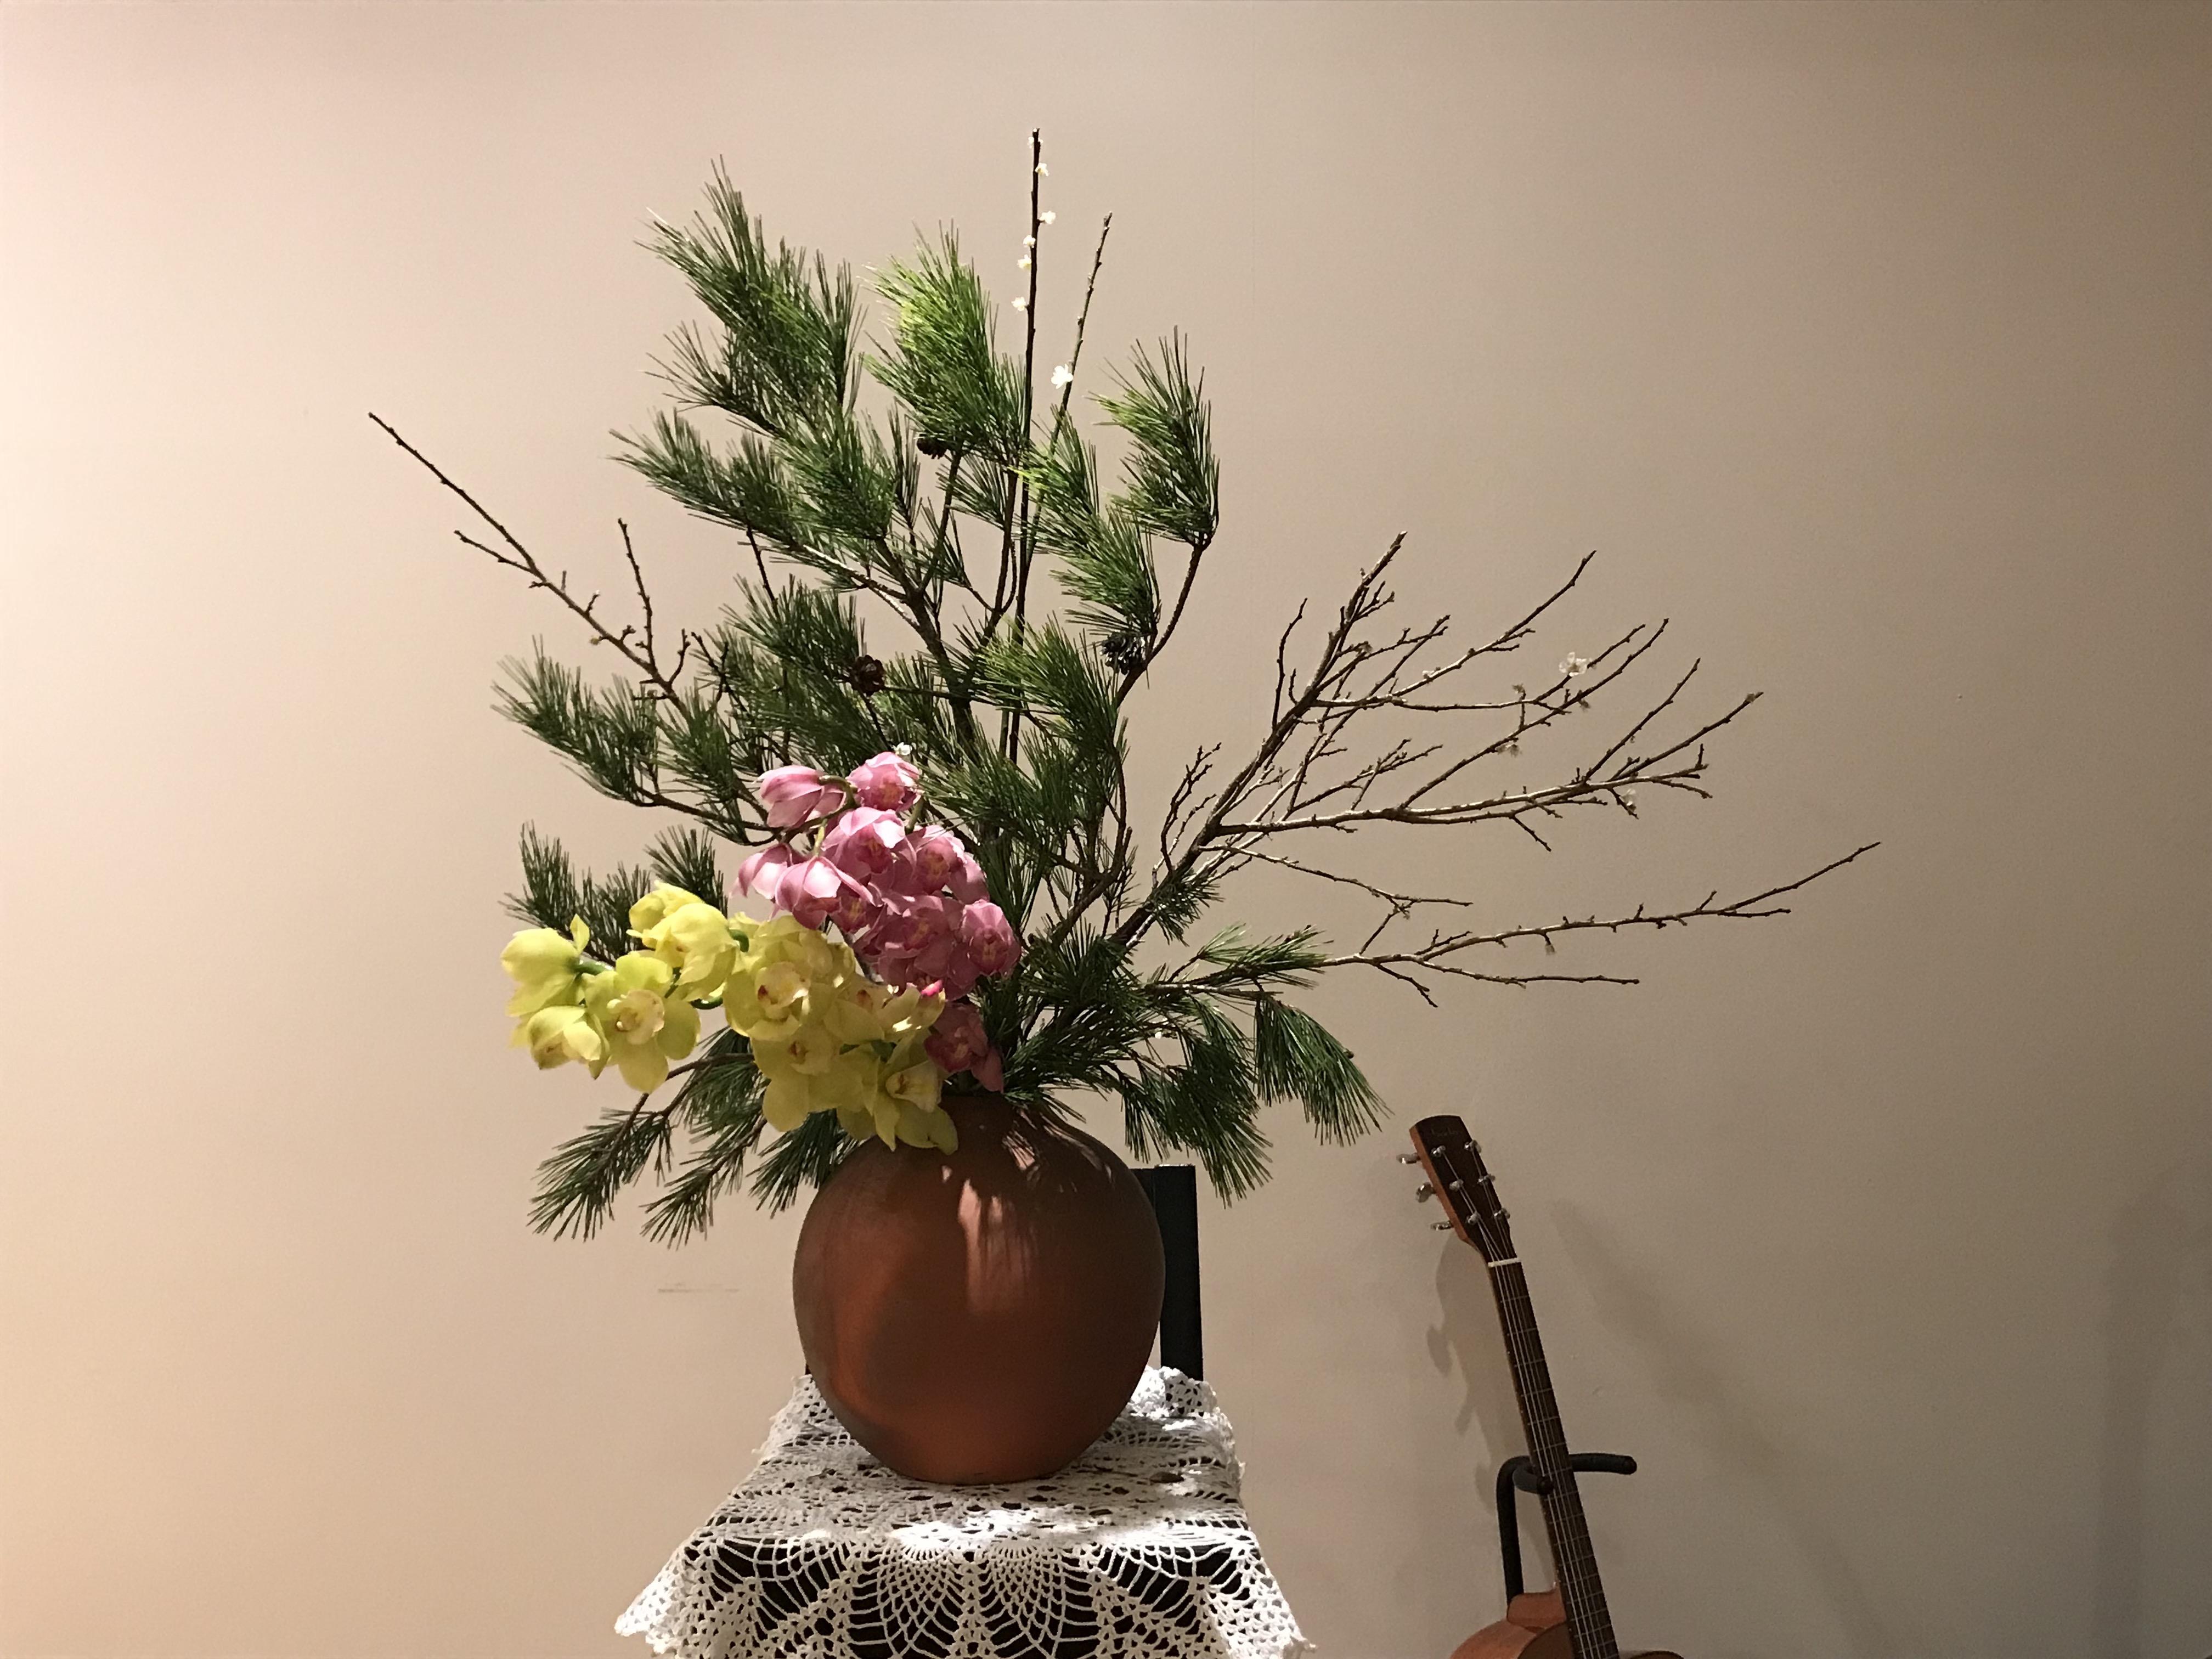 2018/1/21、聖日礼拝のお花